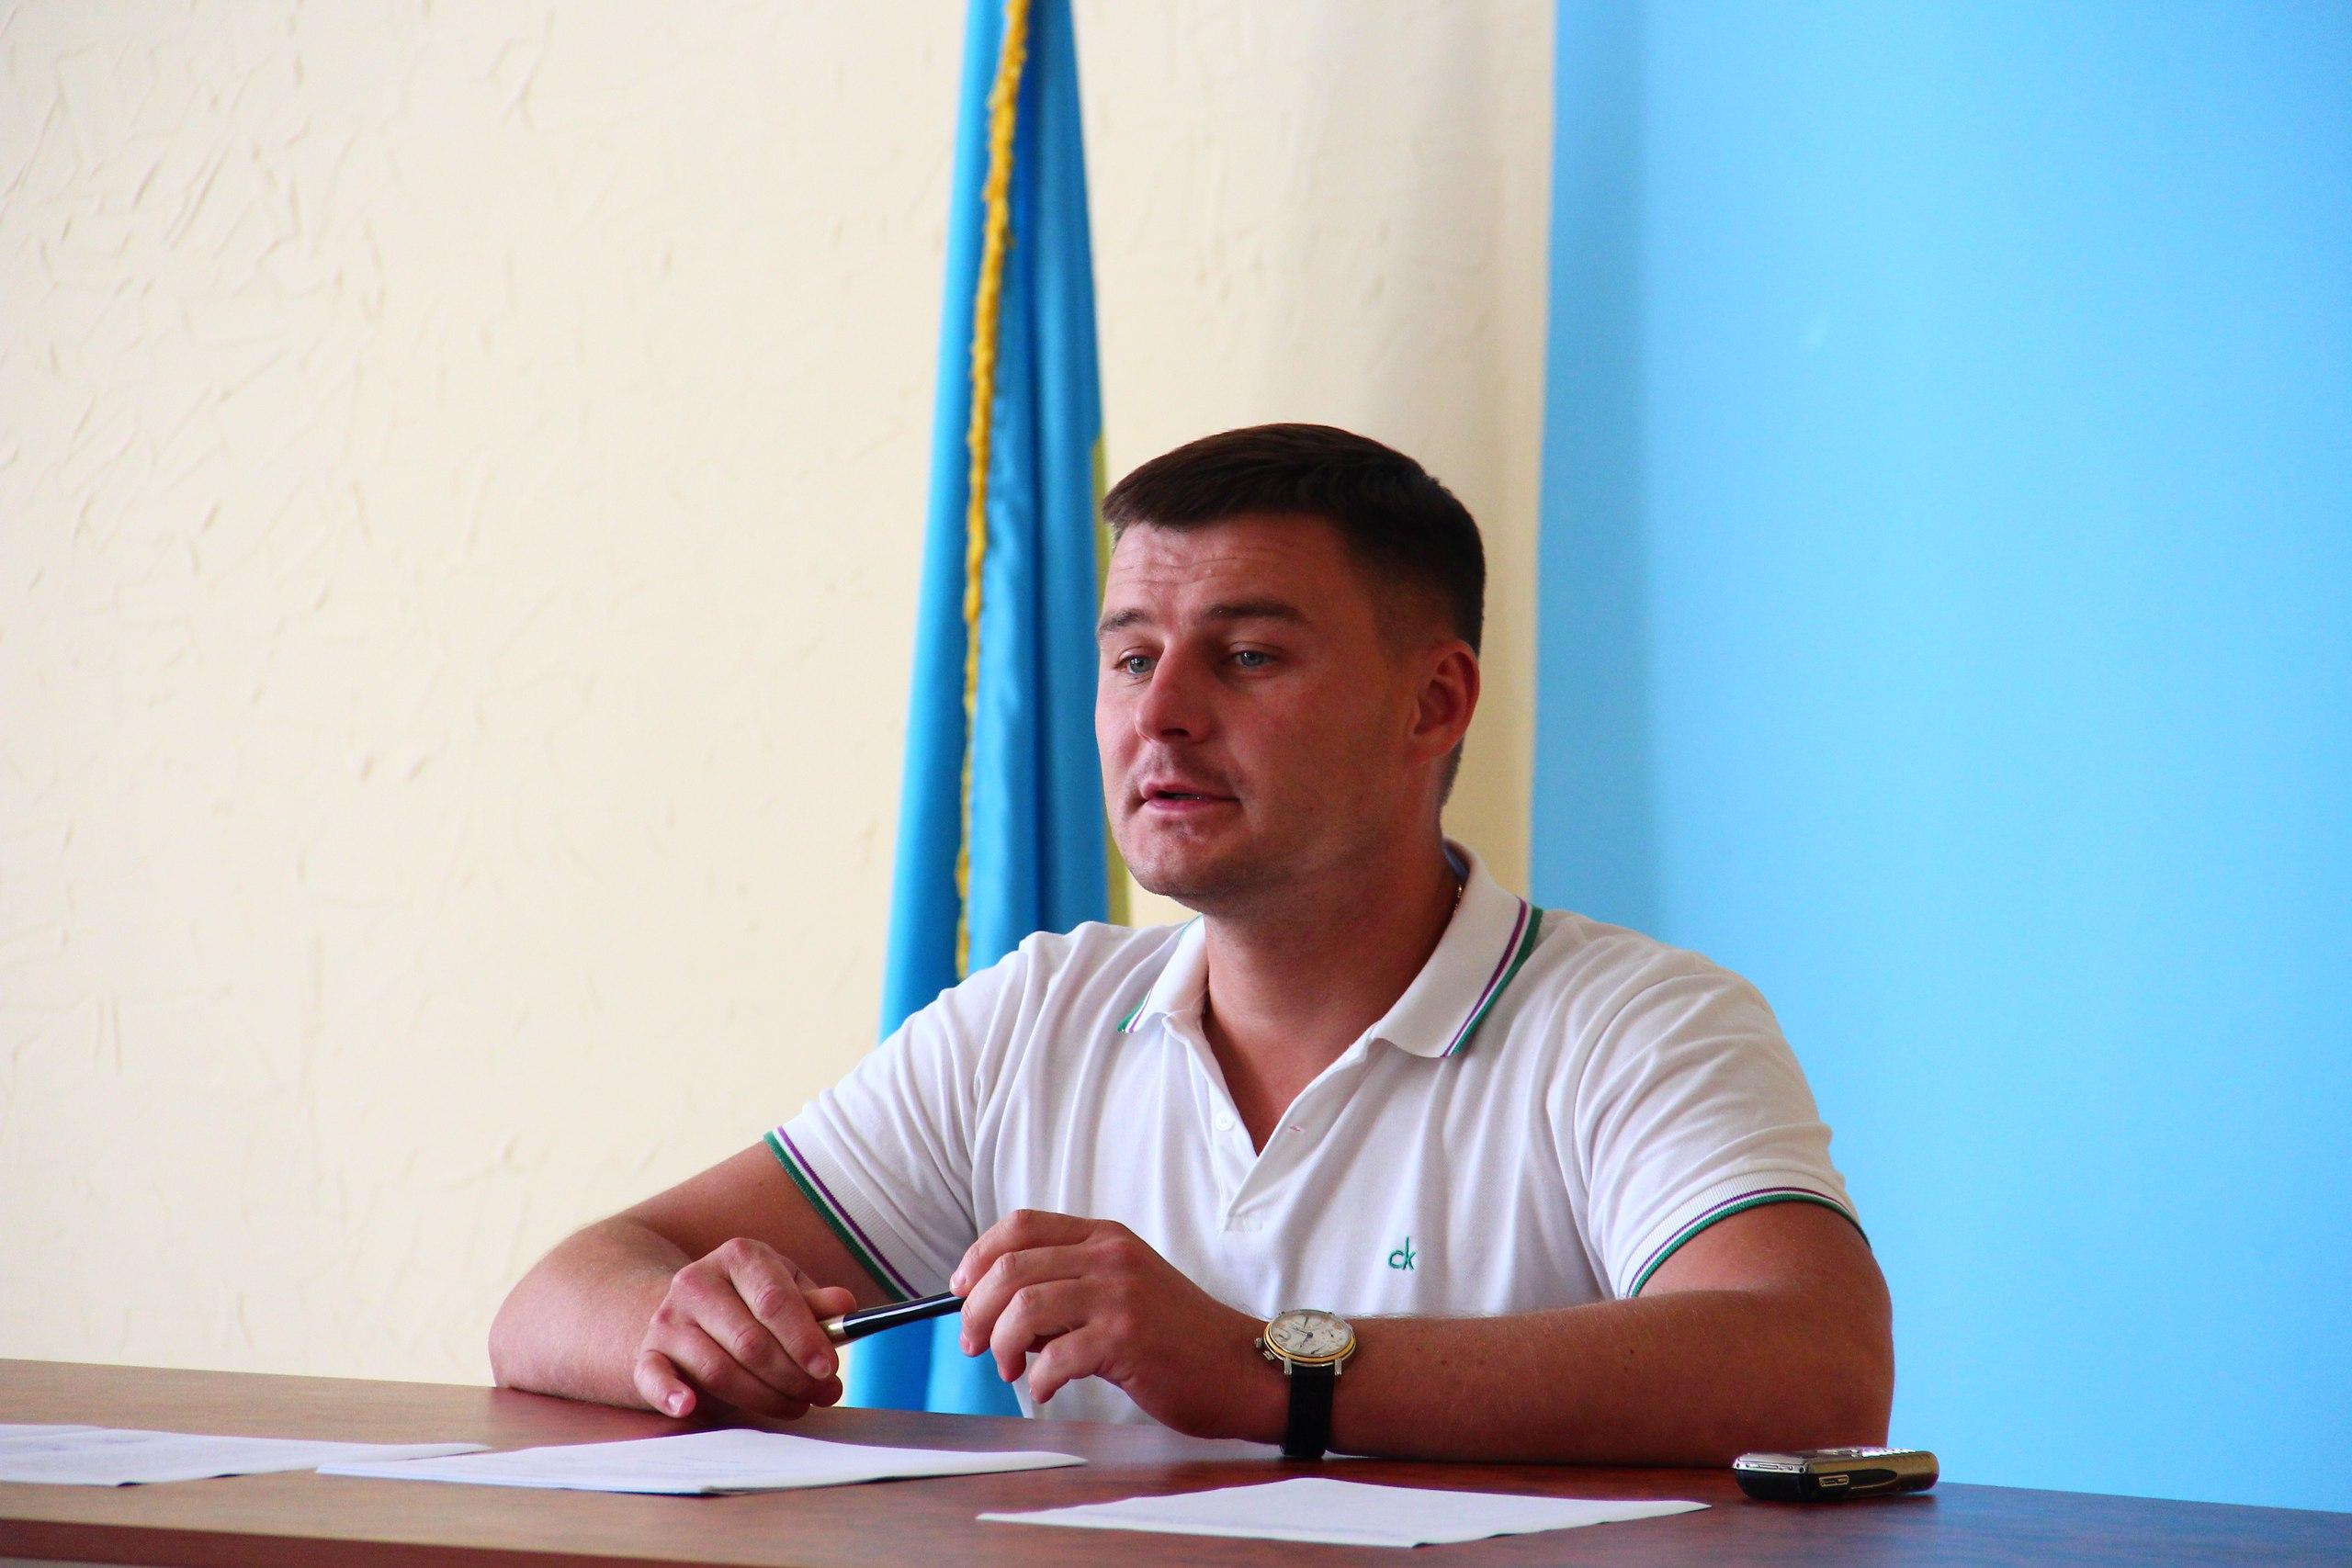 Глава Антоновки Игорь Семенчев рассказал про перспективы децентрализации